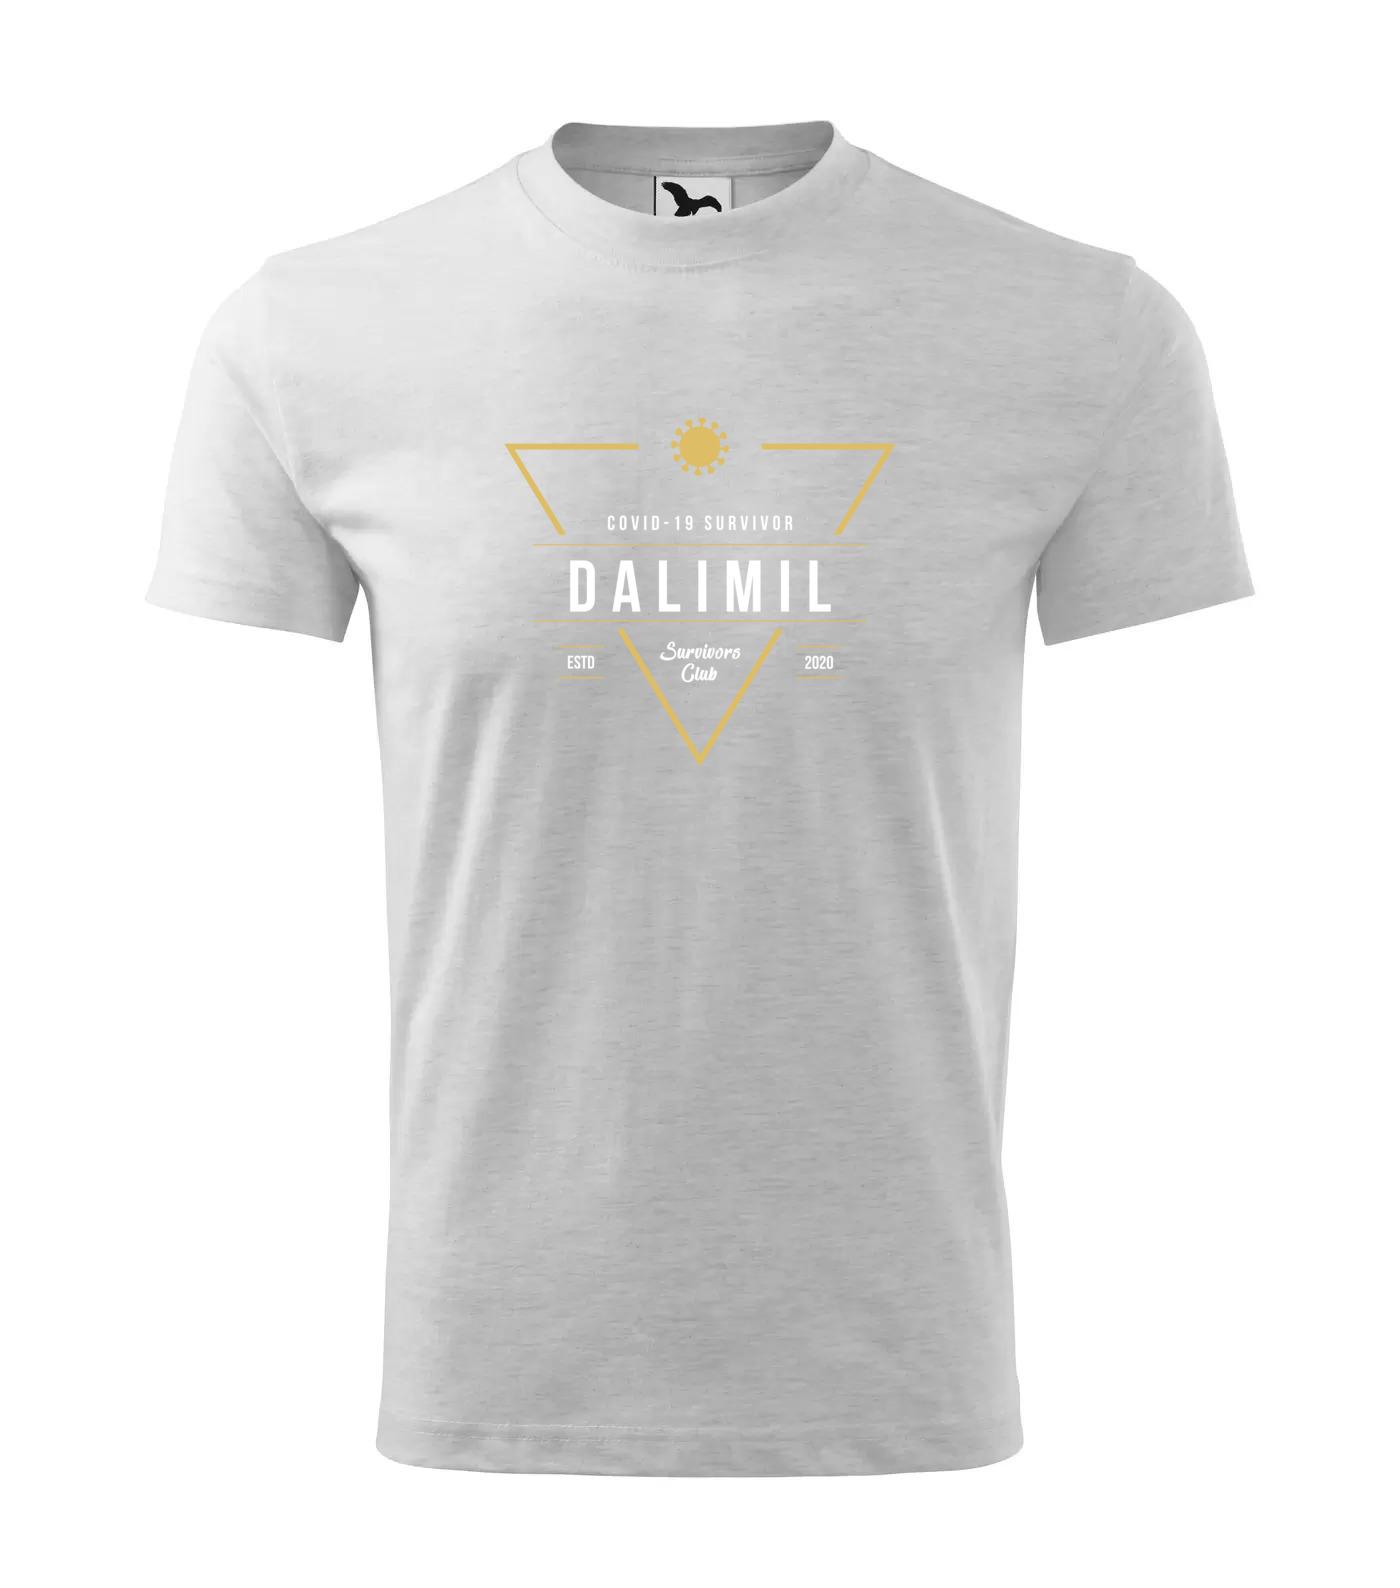 Tričko Survivor Club Dalimil